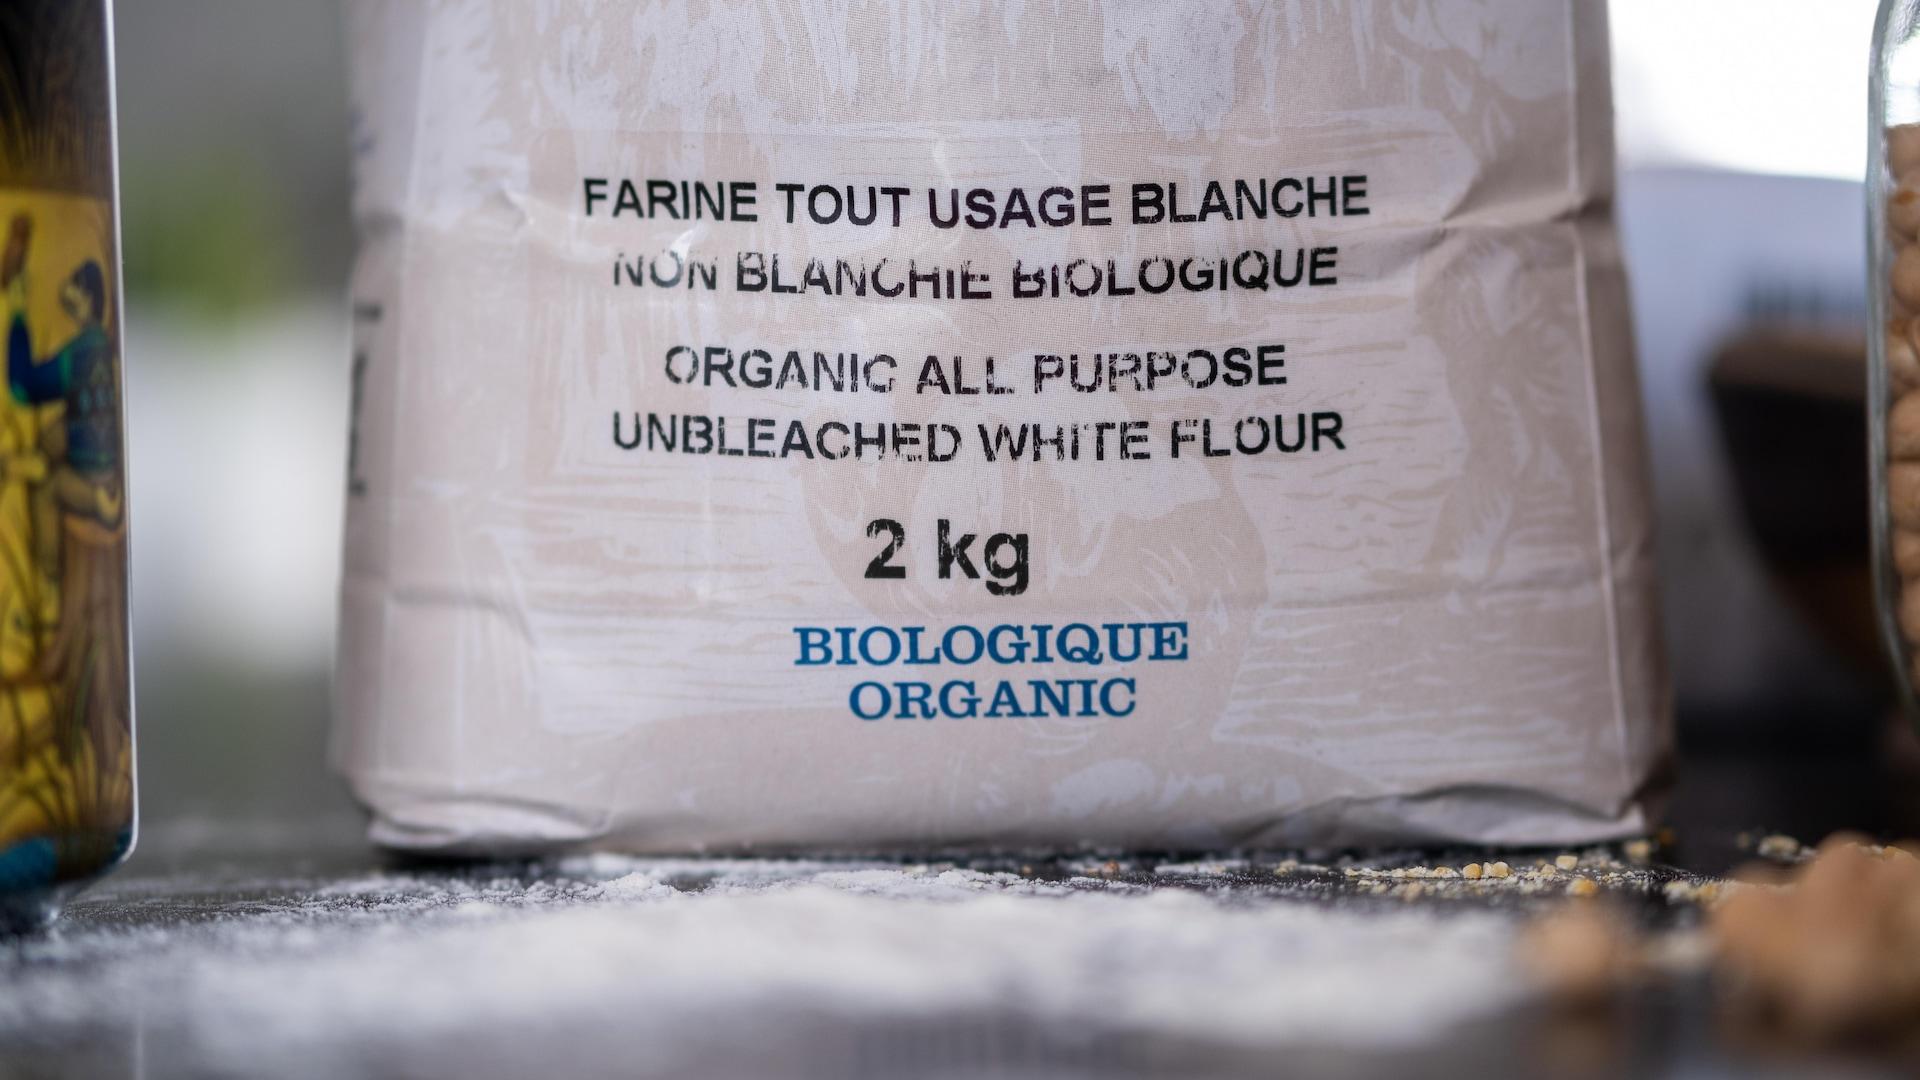 Un sac de farine blanche biologique